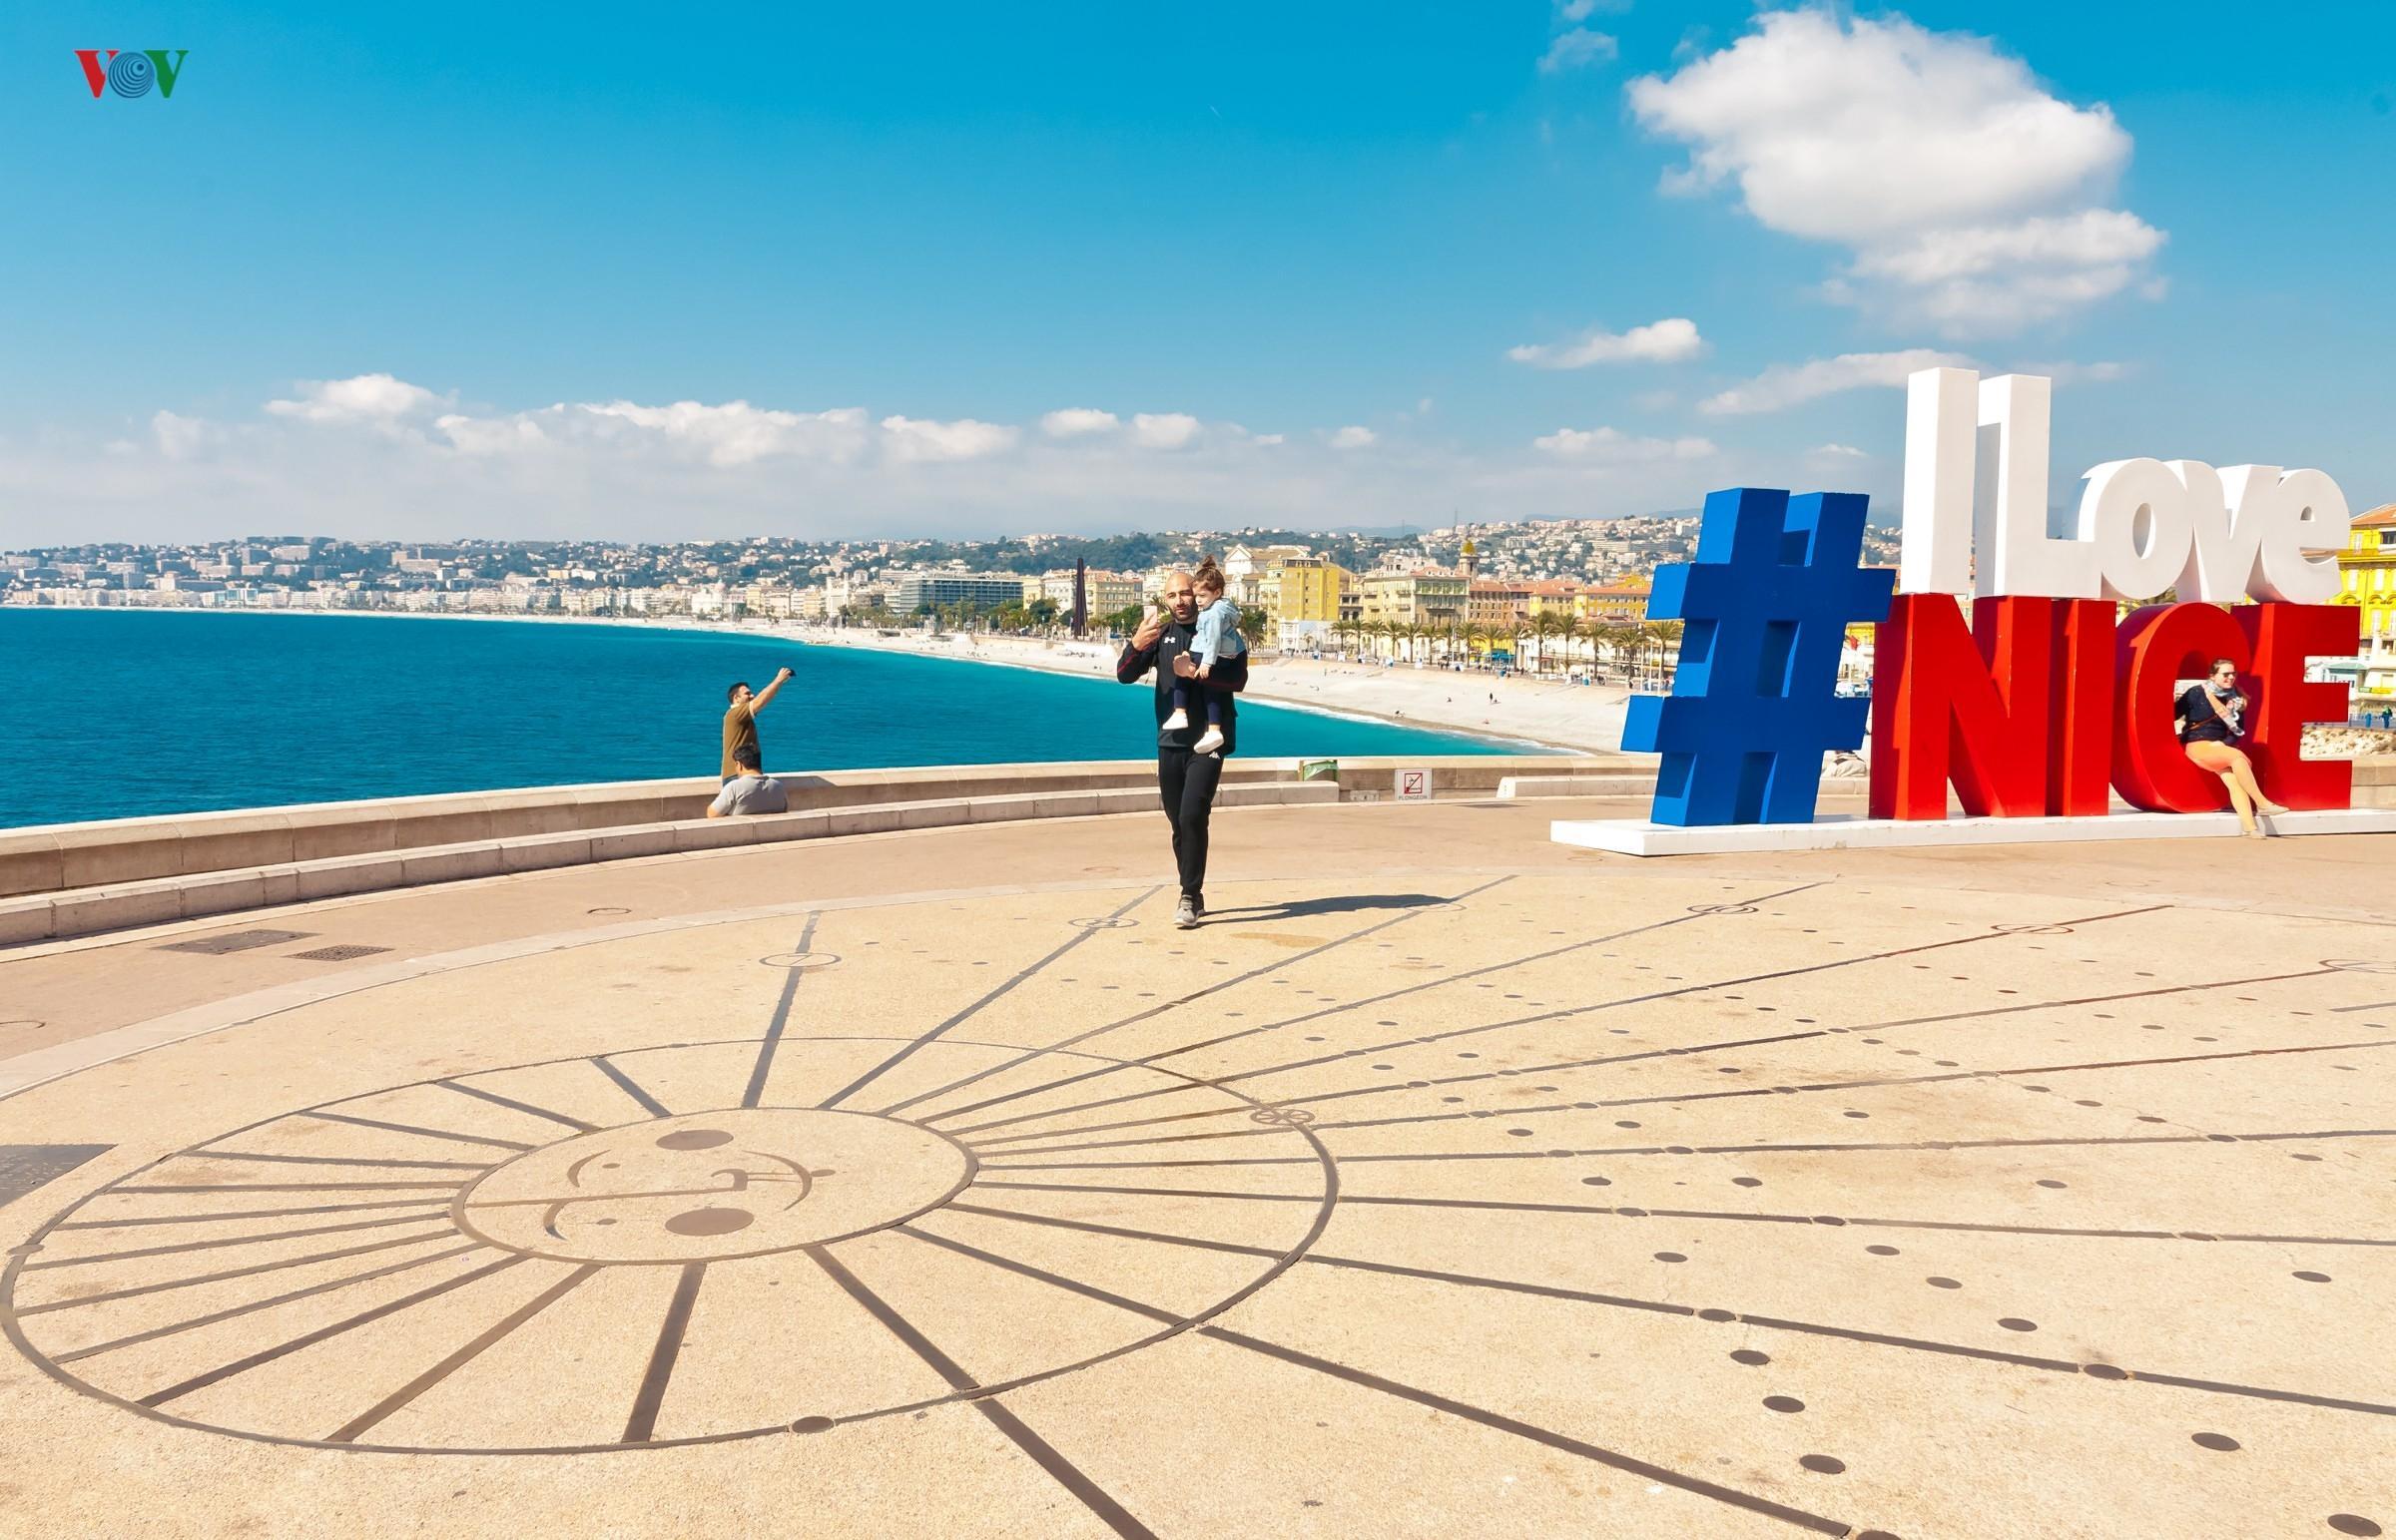 Khám phá Nice - thành phố biển quyến rũ nhất Địa Trung Hải Ảnh 8